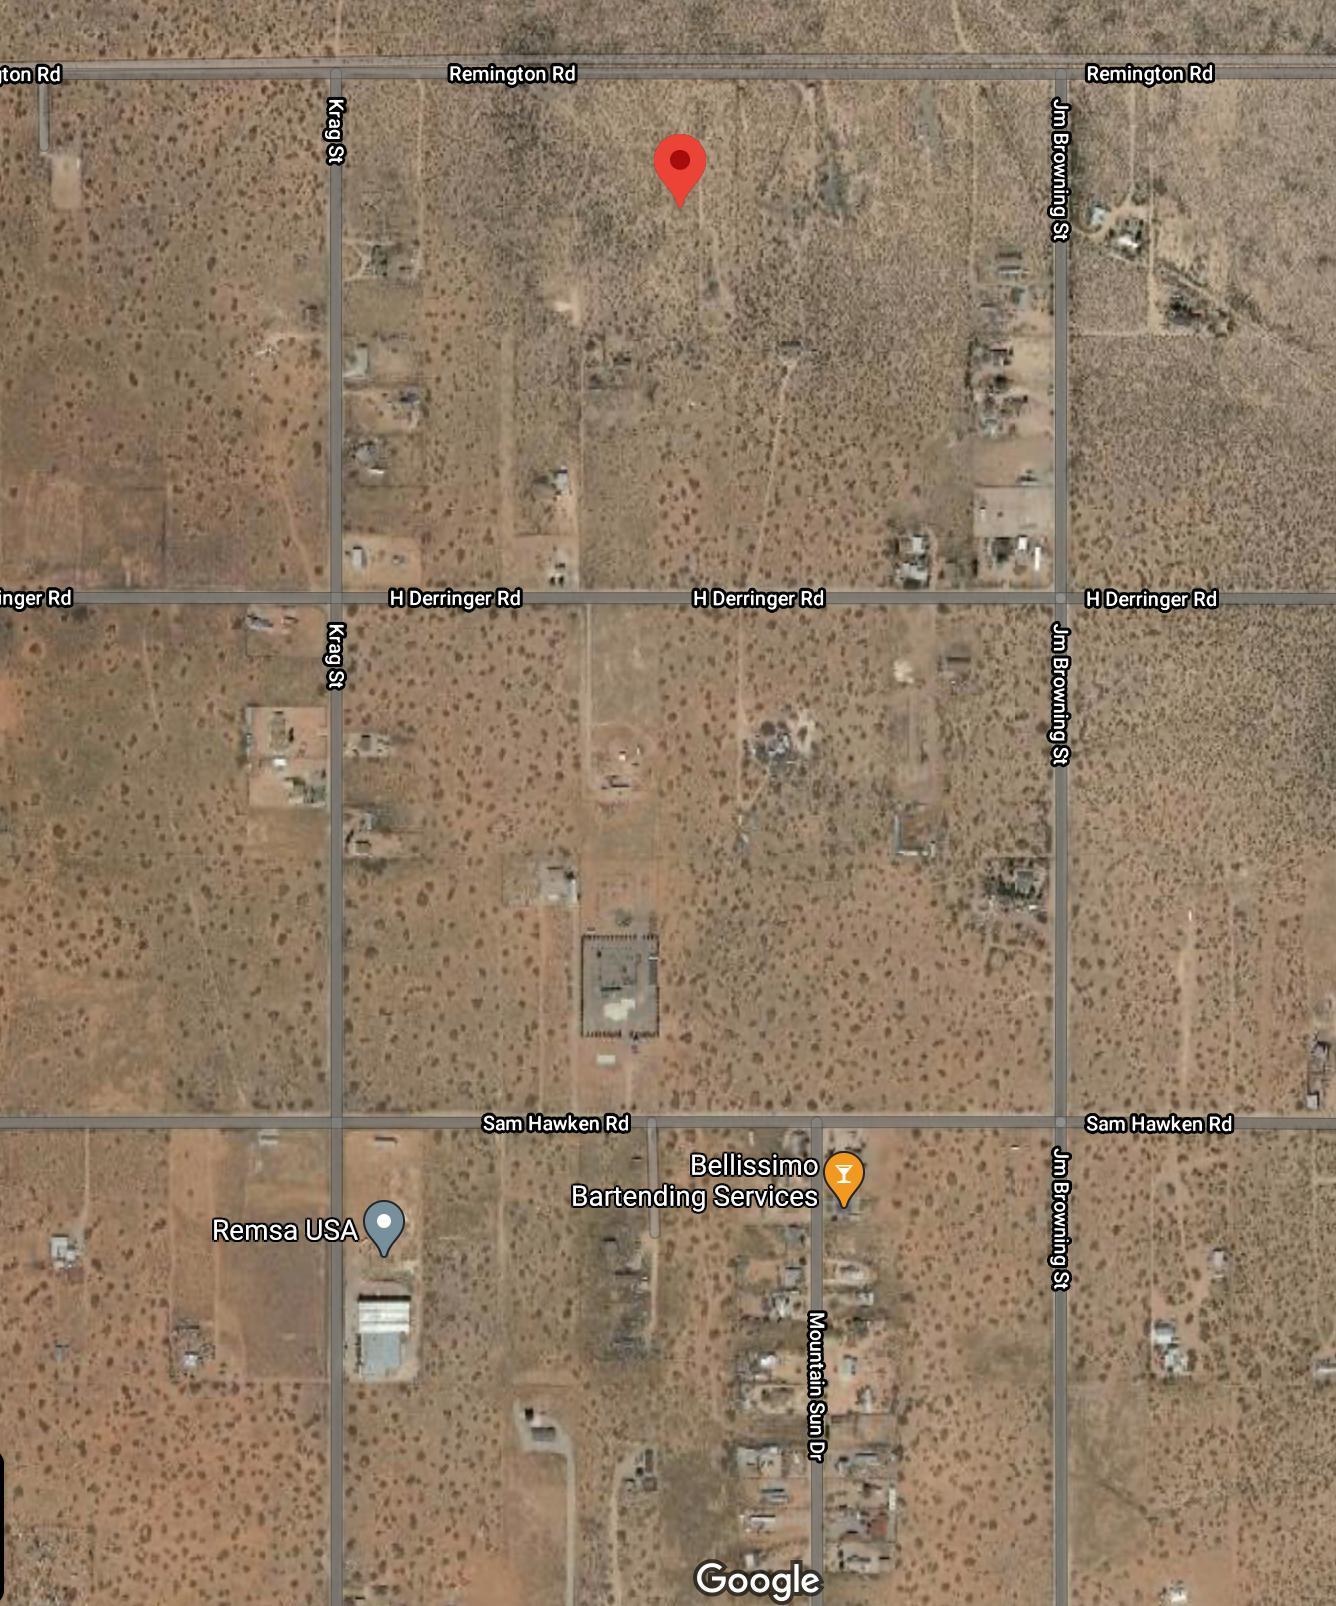 14600 REMINGTON Road, Clint, Texas 79836, ,Land,For sale,REMINGTON,837151